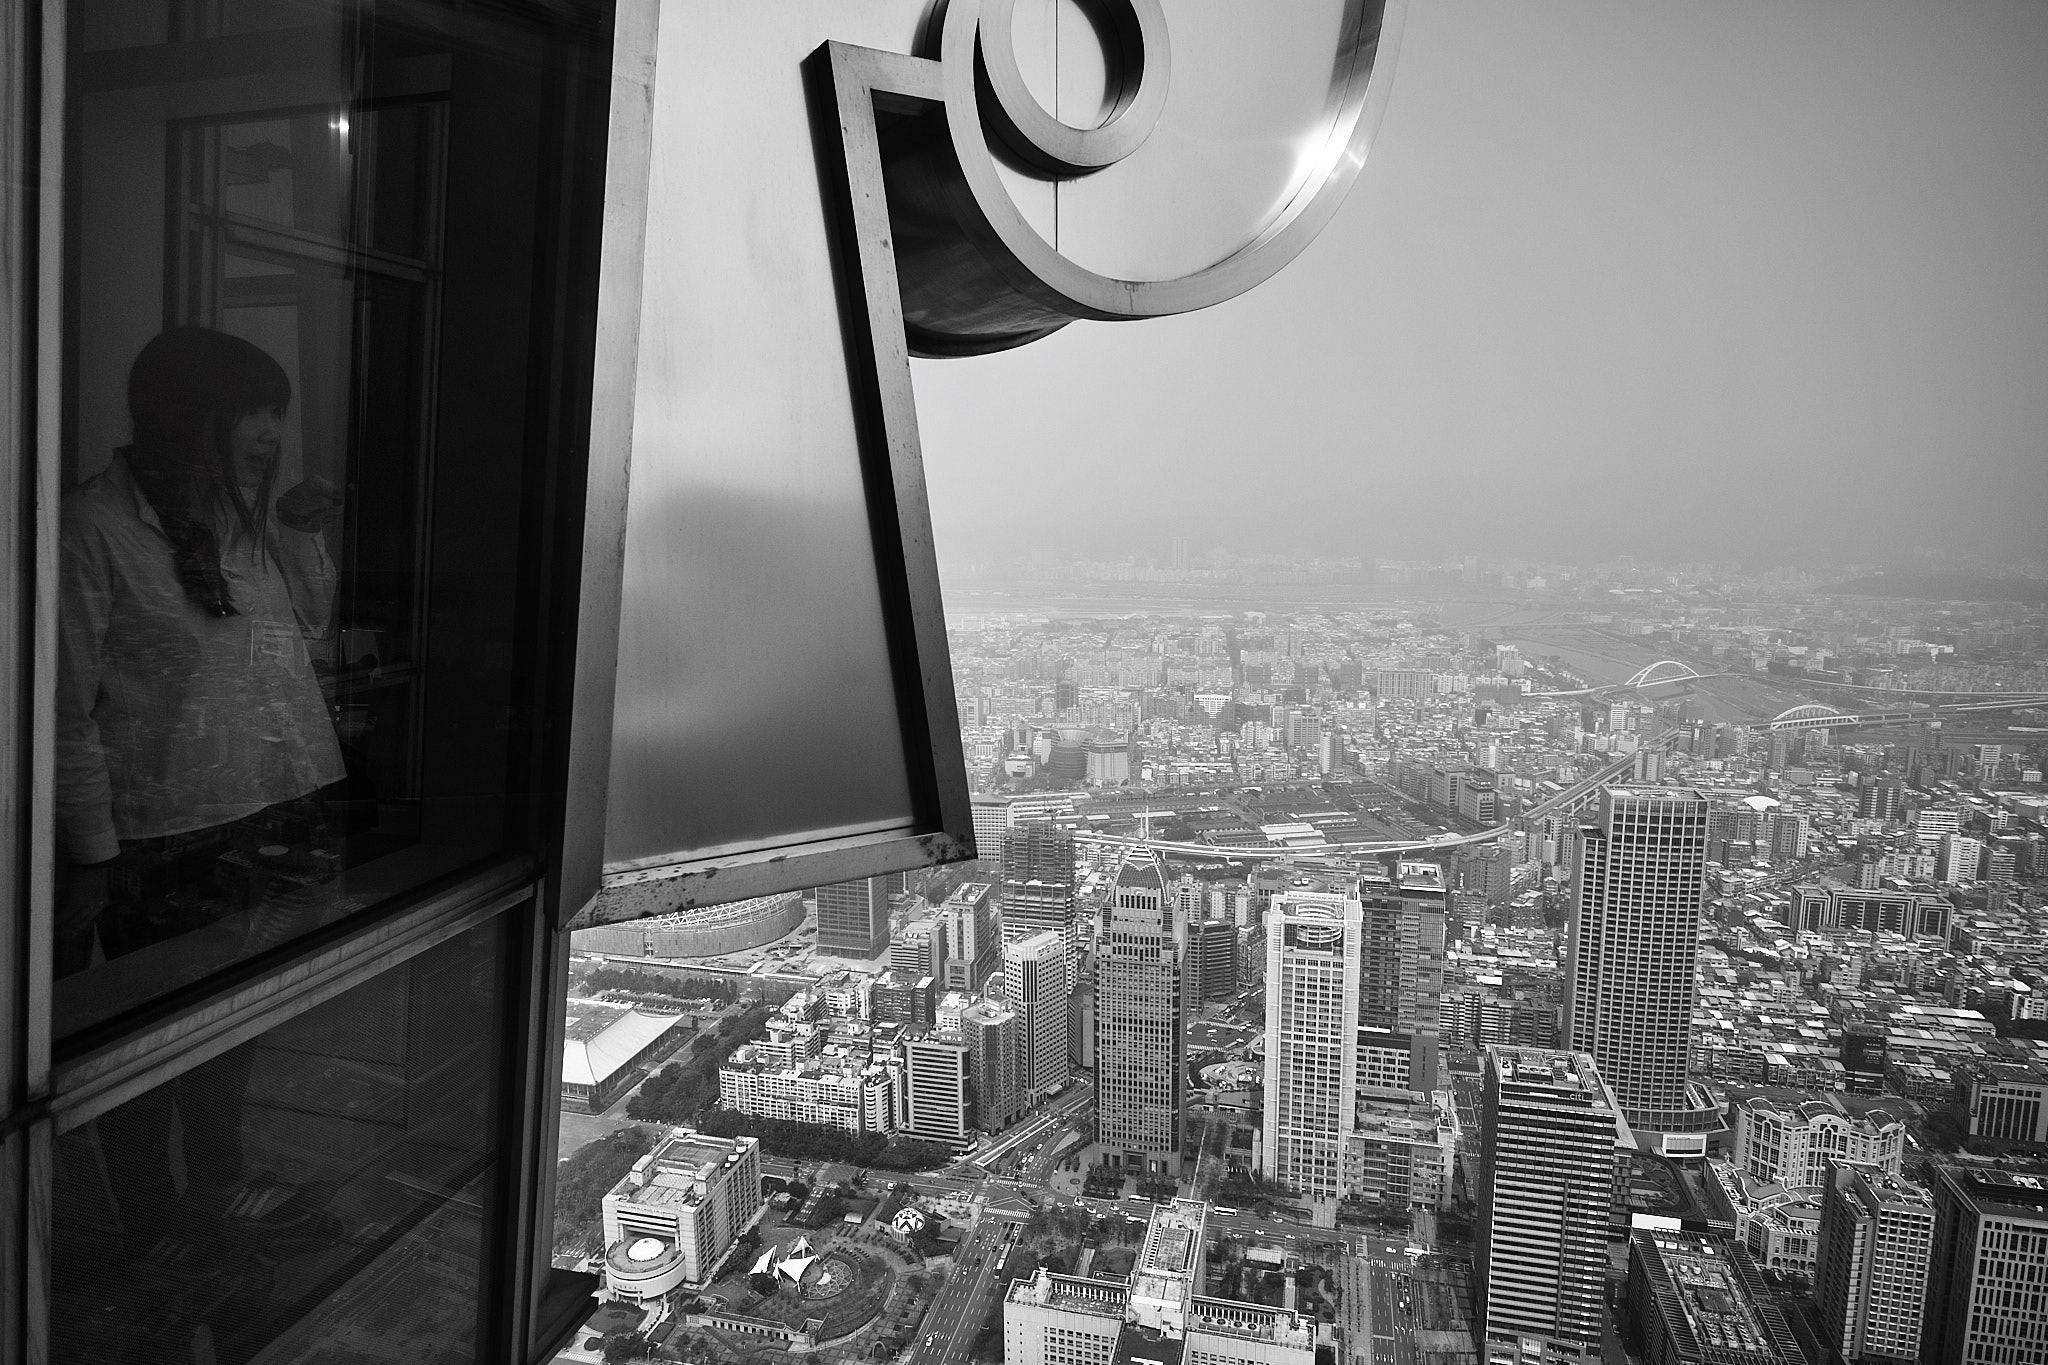 On top of Taipei 101. Fujifilm XT2 - XF10-24mmF4